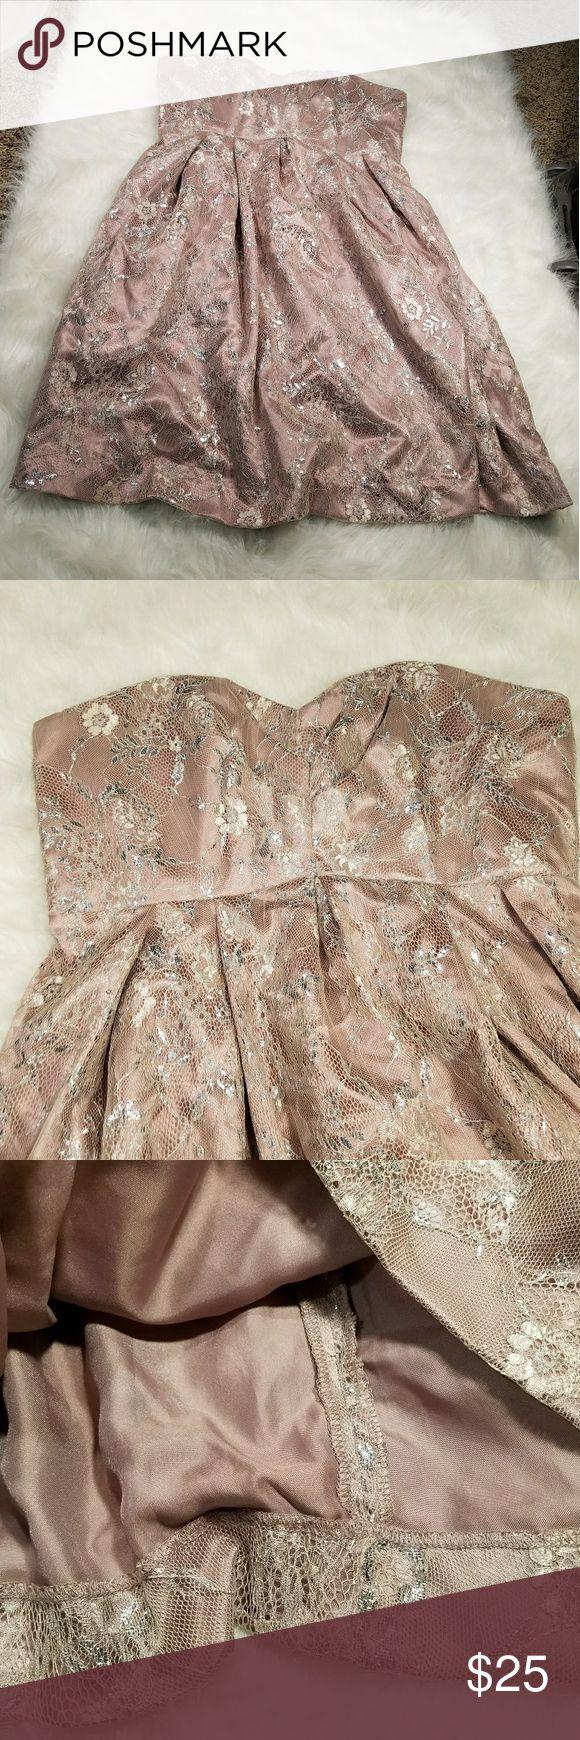 Studio millennial pink and silver mini dress Studio millennial pink and silver mini dress Studio Dresses Mini